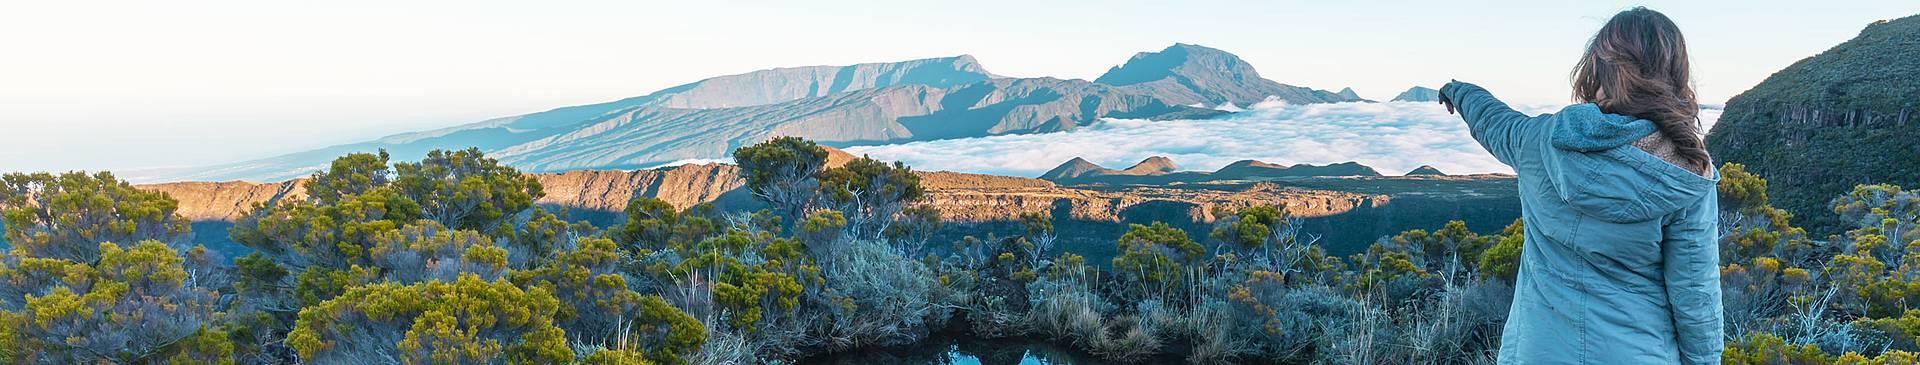 Vacances en famille à la Réunion